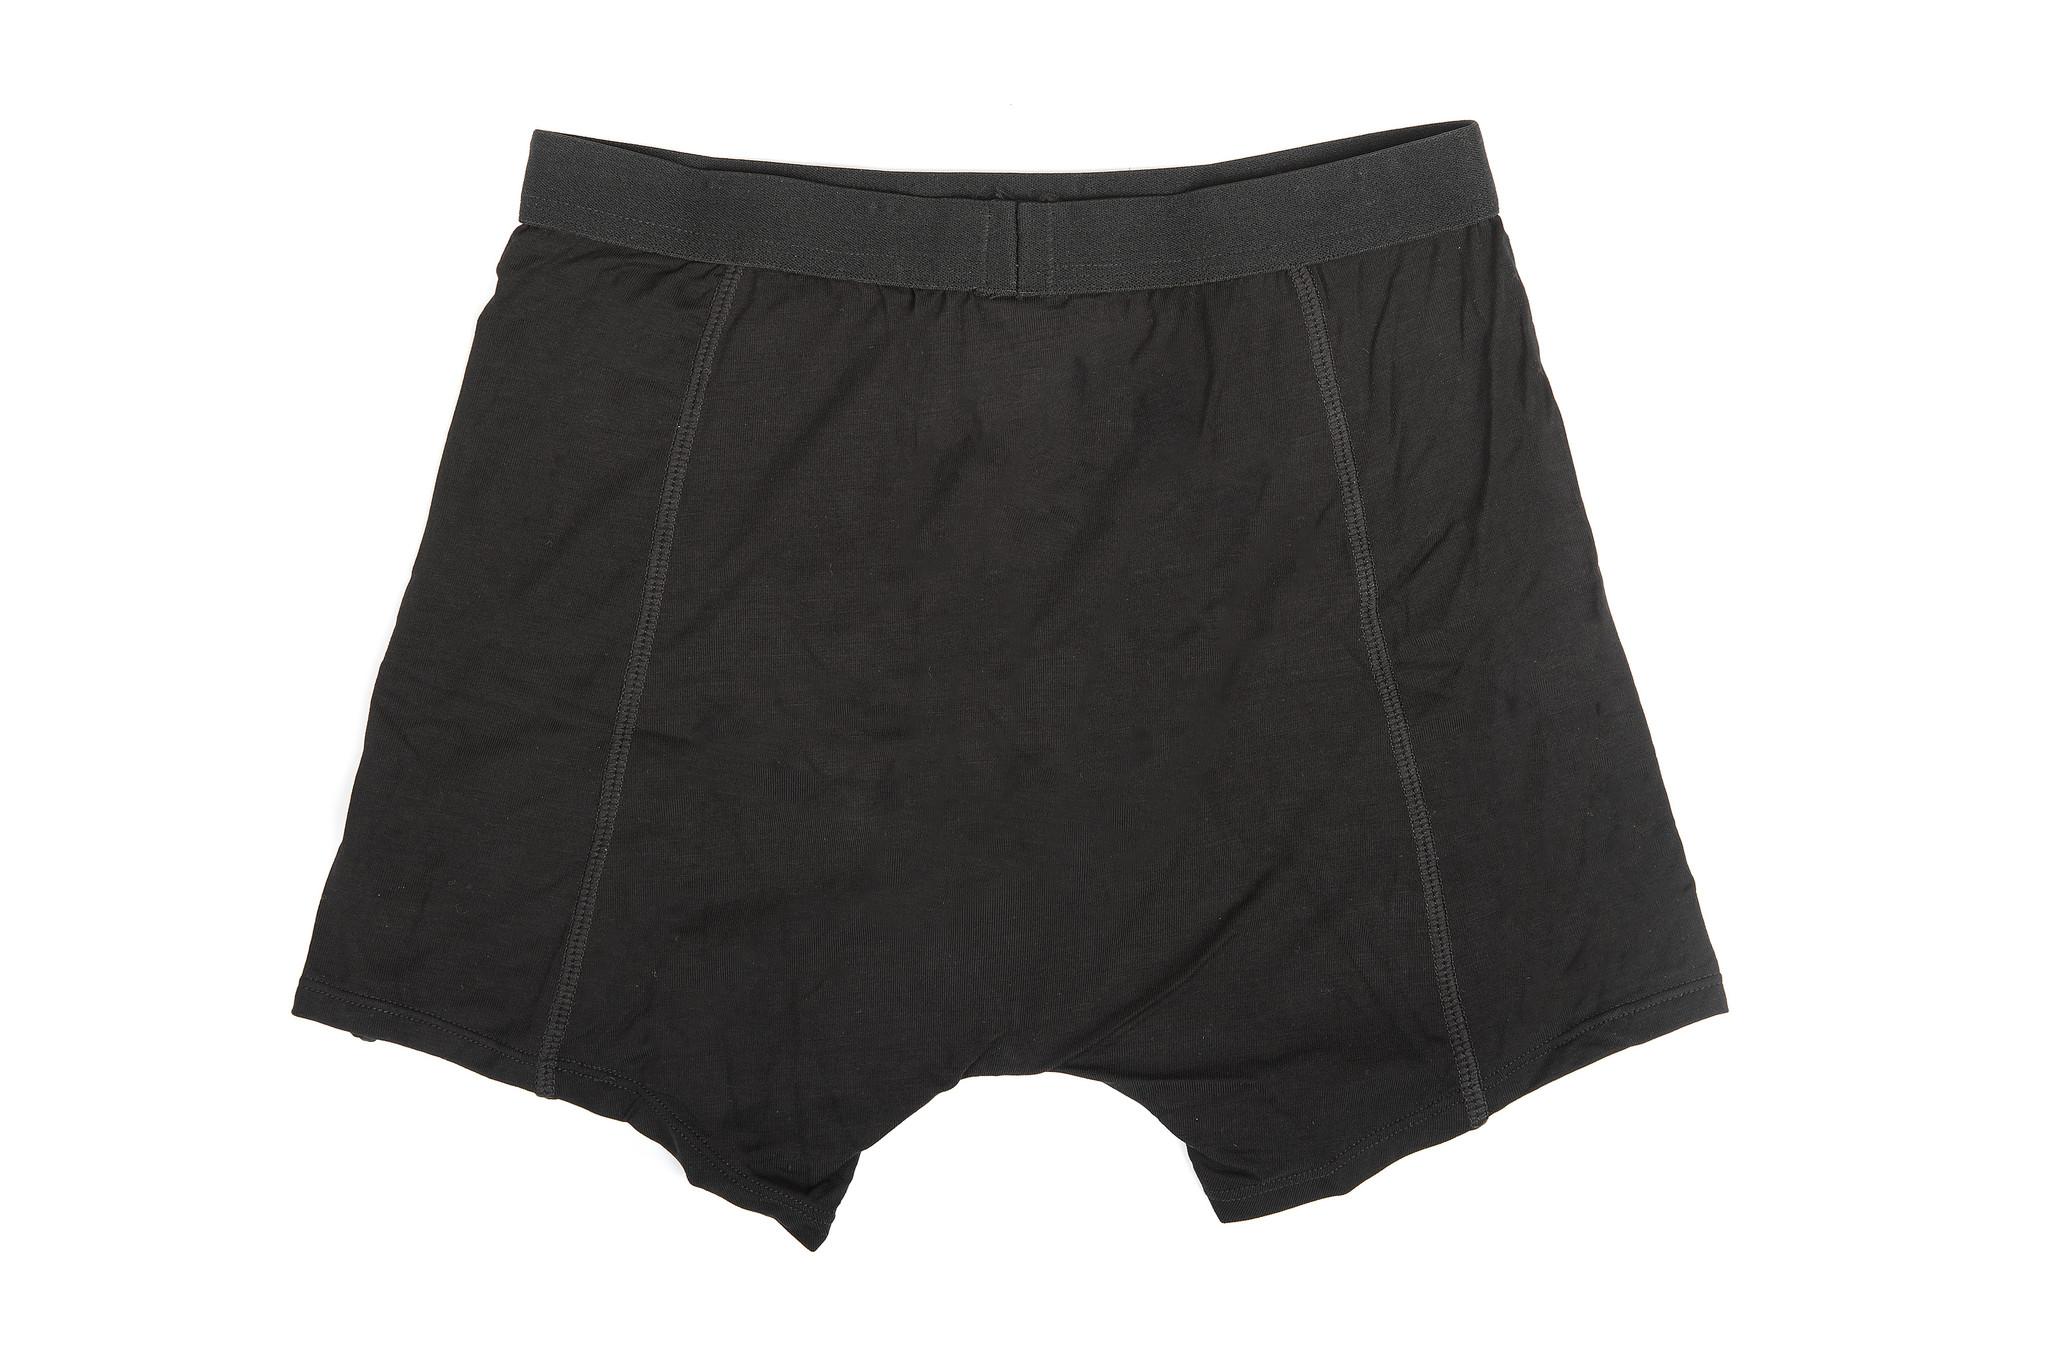 Swaens Bamboo Underwear Jongens Boxer - set van 5